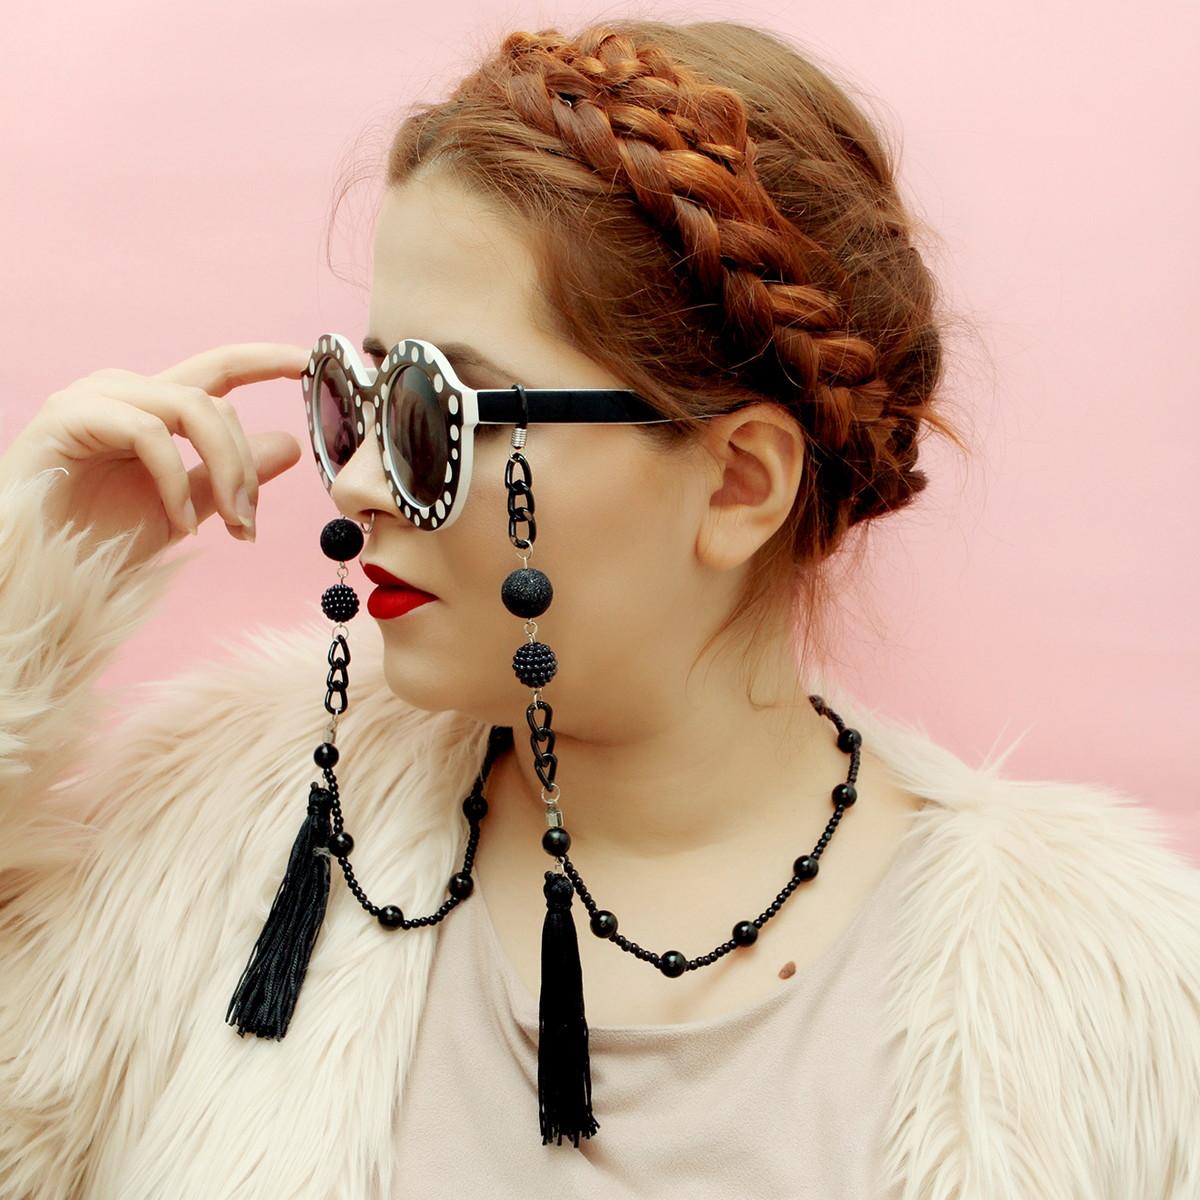 e240281b973e3 Corrente de óculos Black Mamba (cordinha de óculos) no Elo7   É tipo ...